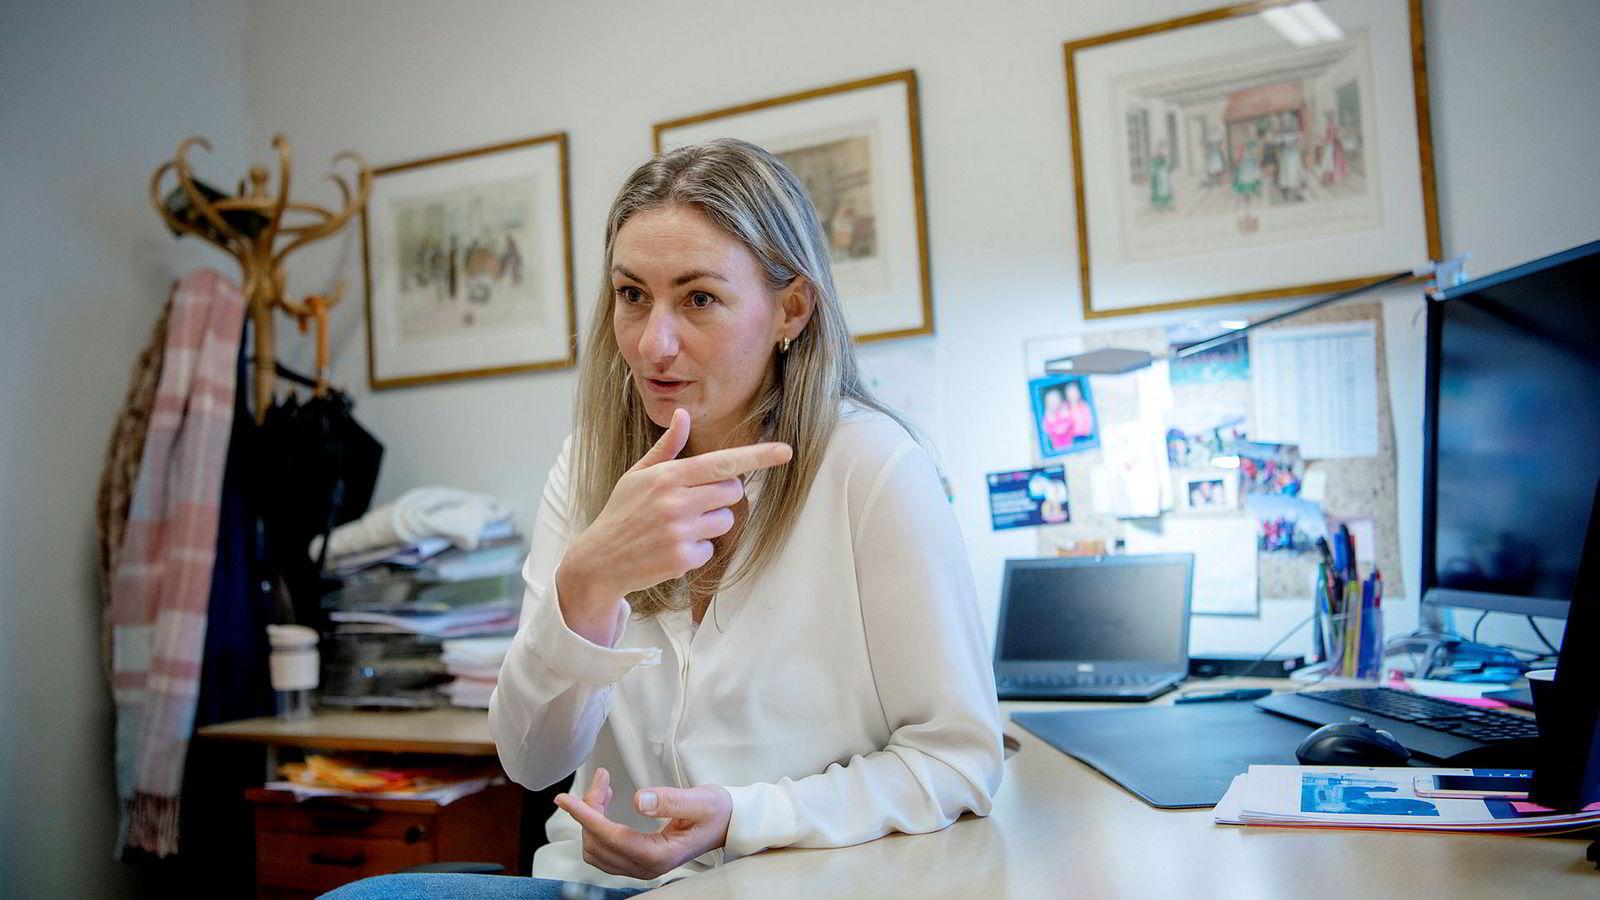 Fagdirektør Camilla Nervik i Datatilsynet forstår at liv og helse kommer foran personvern, når man er tvunget til å velge. Hun ber likevel helsemyndighetene og sykehuslederne ordne opp.